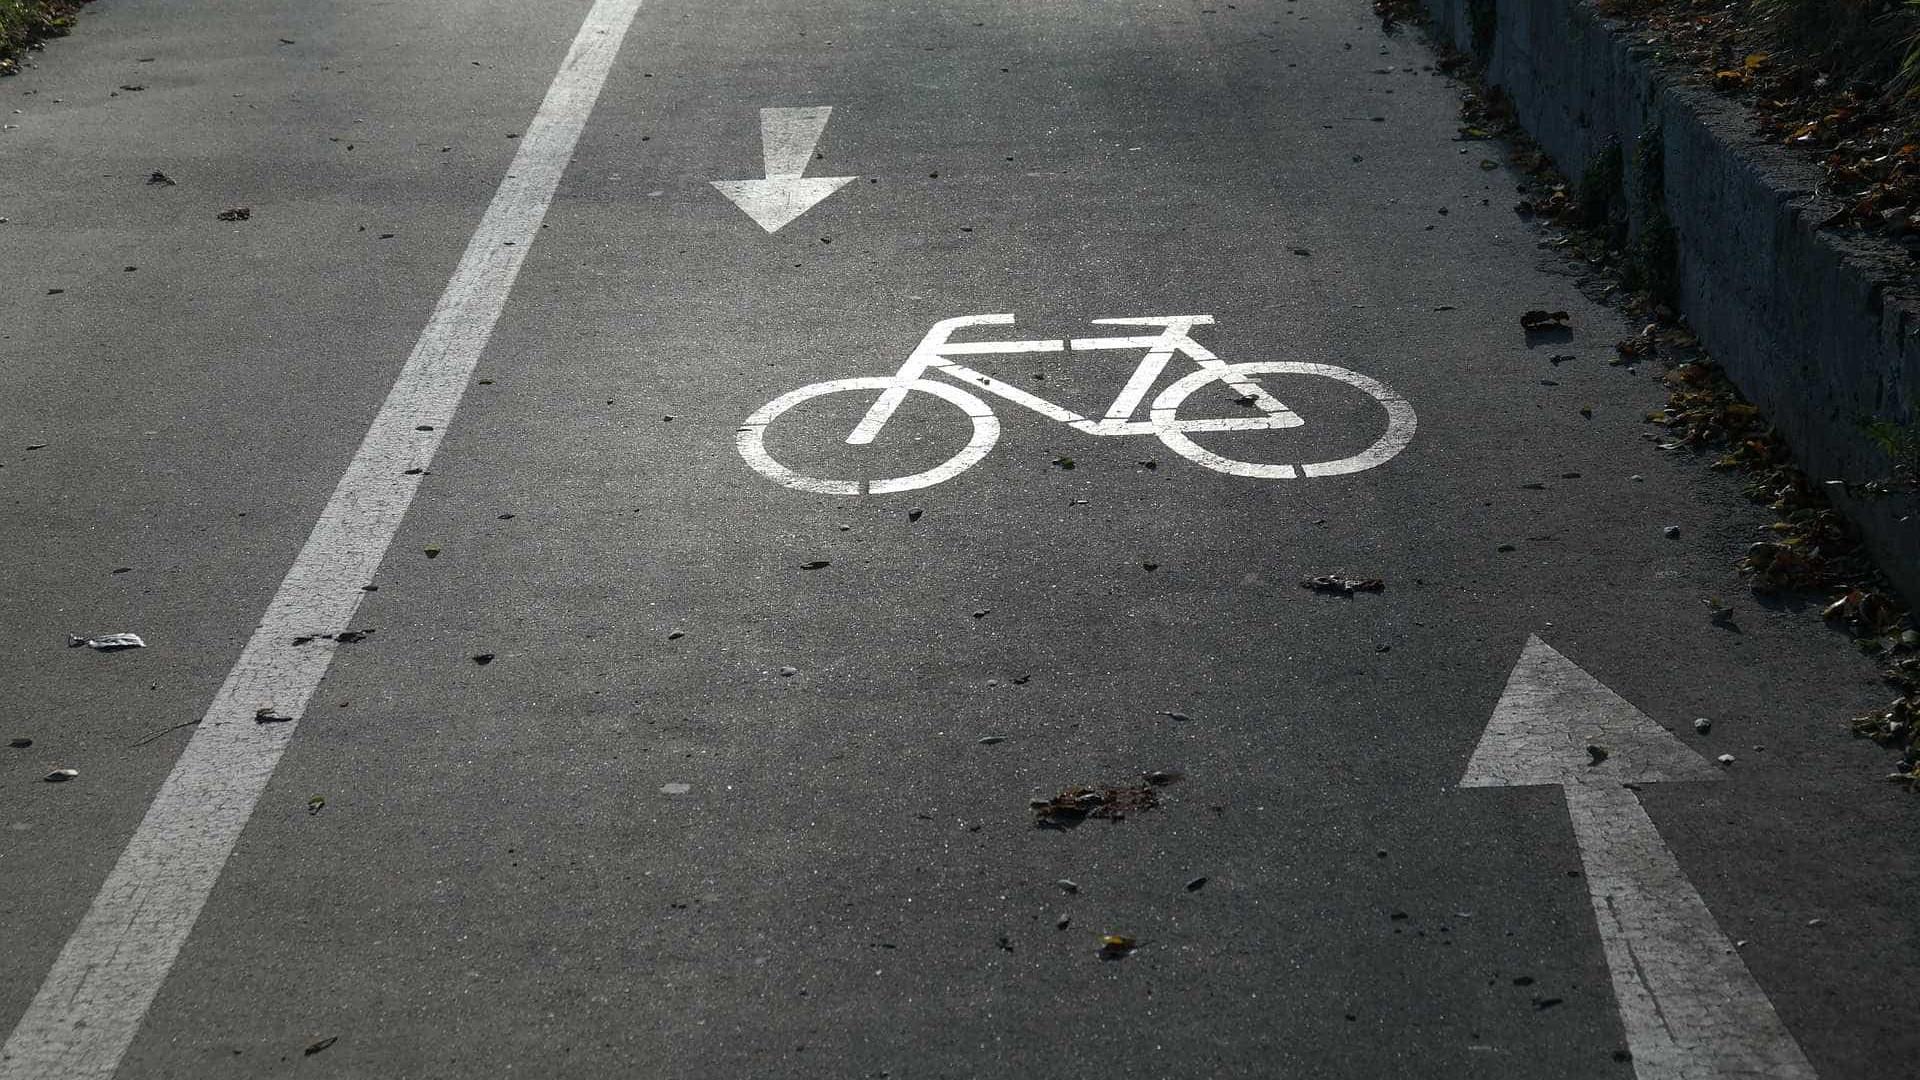 Médico se mata após atropelar ciclista em rodovia da BA, diz polícia